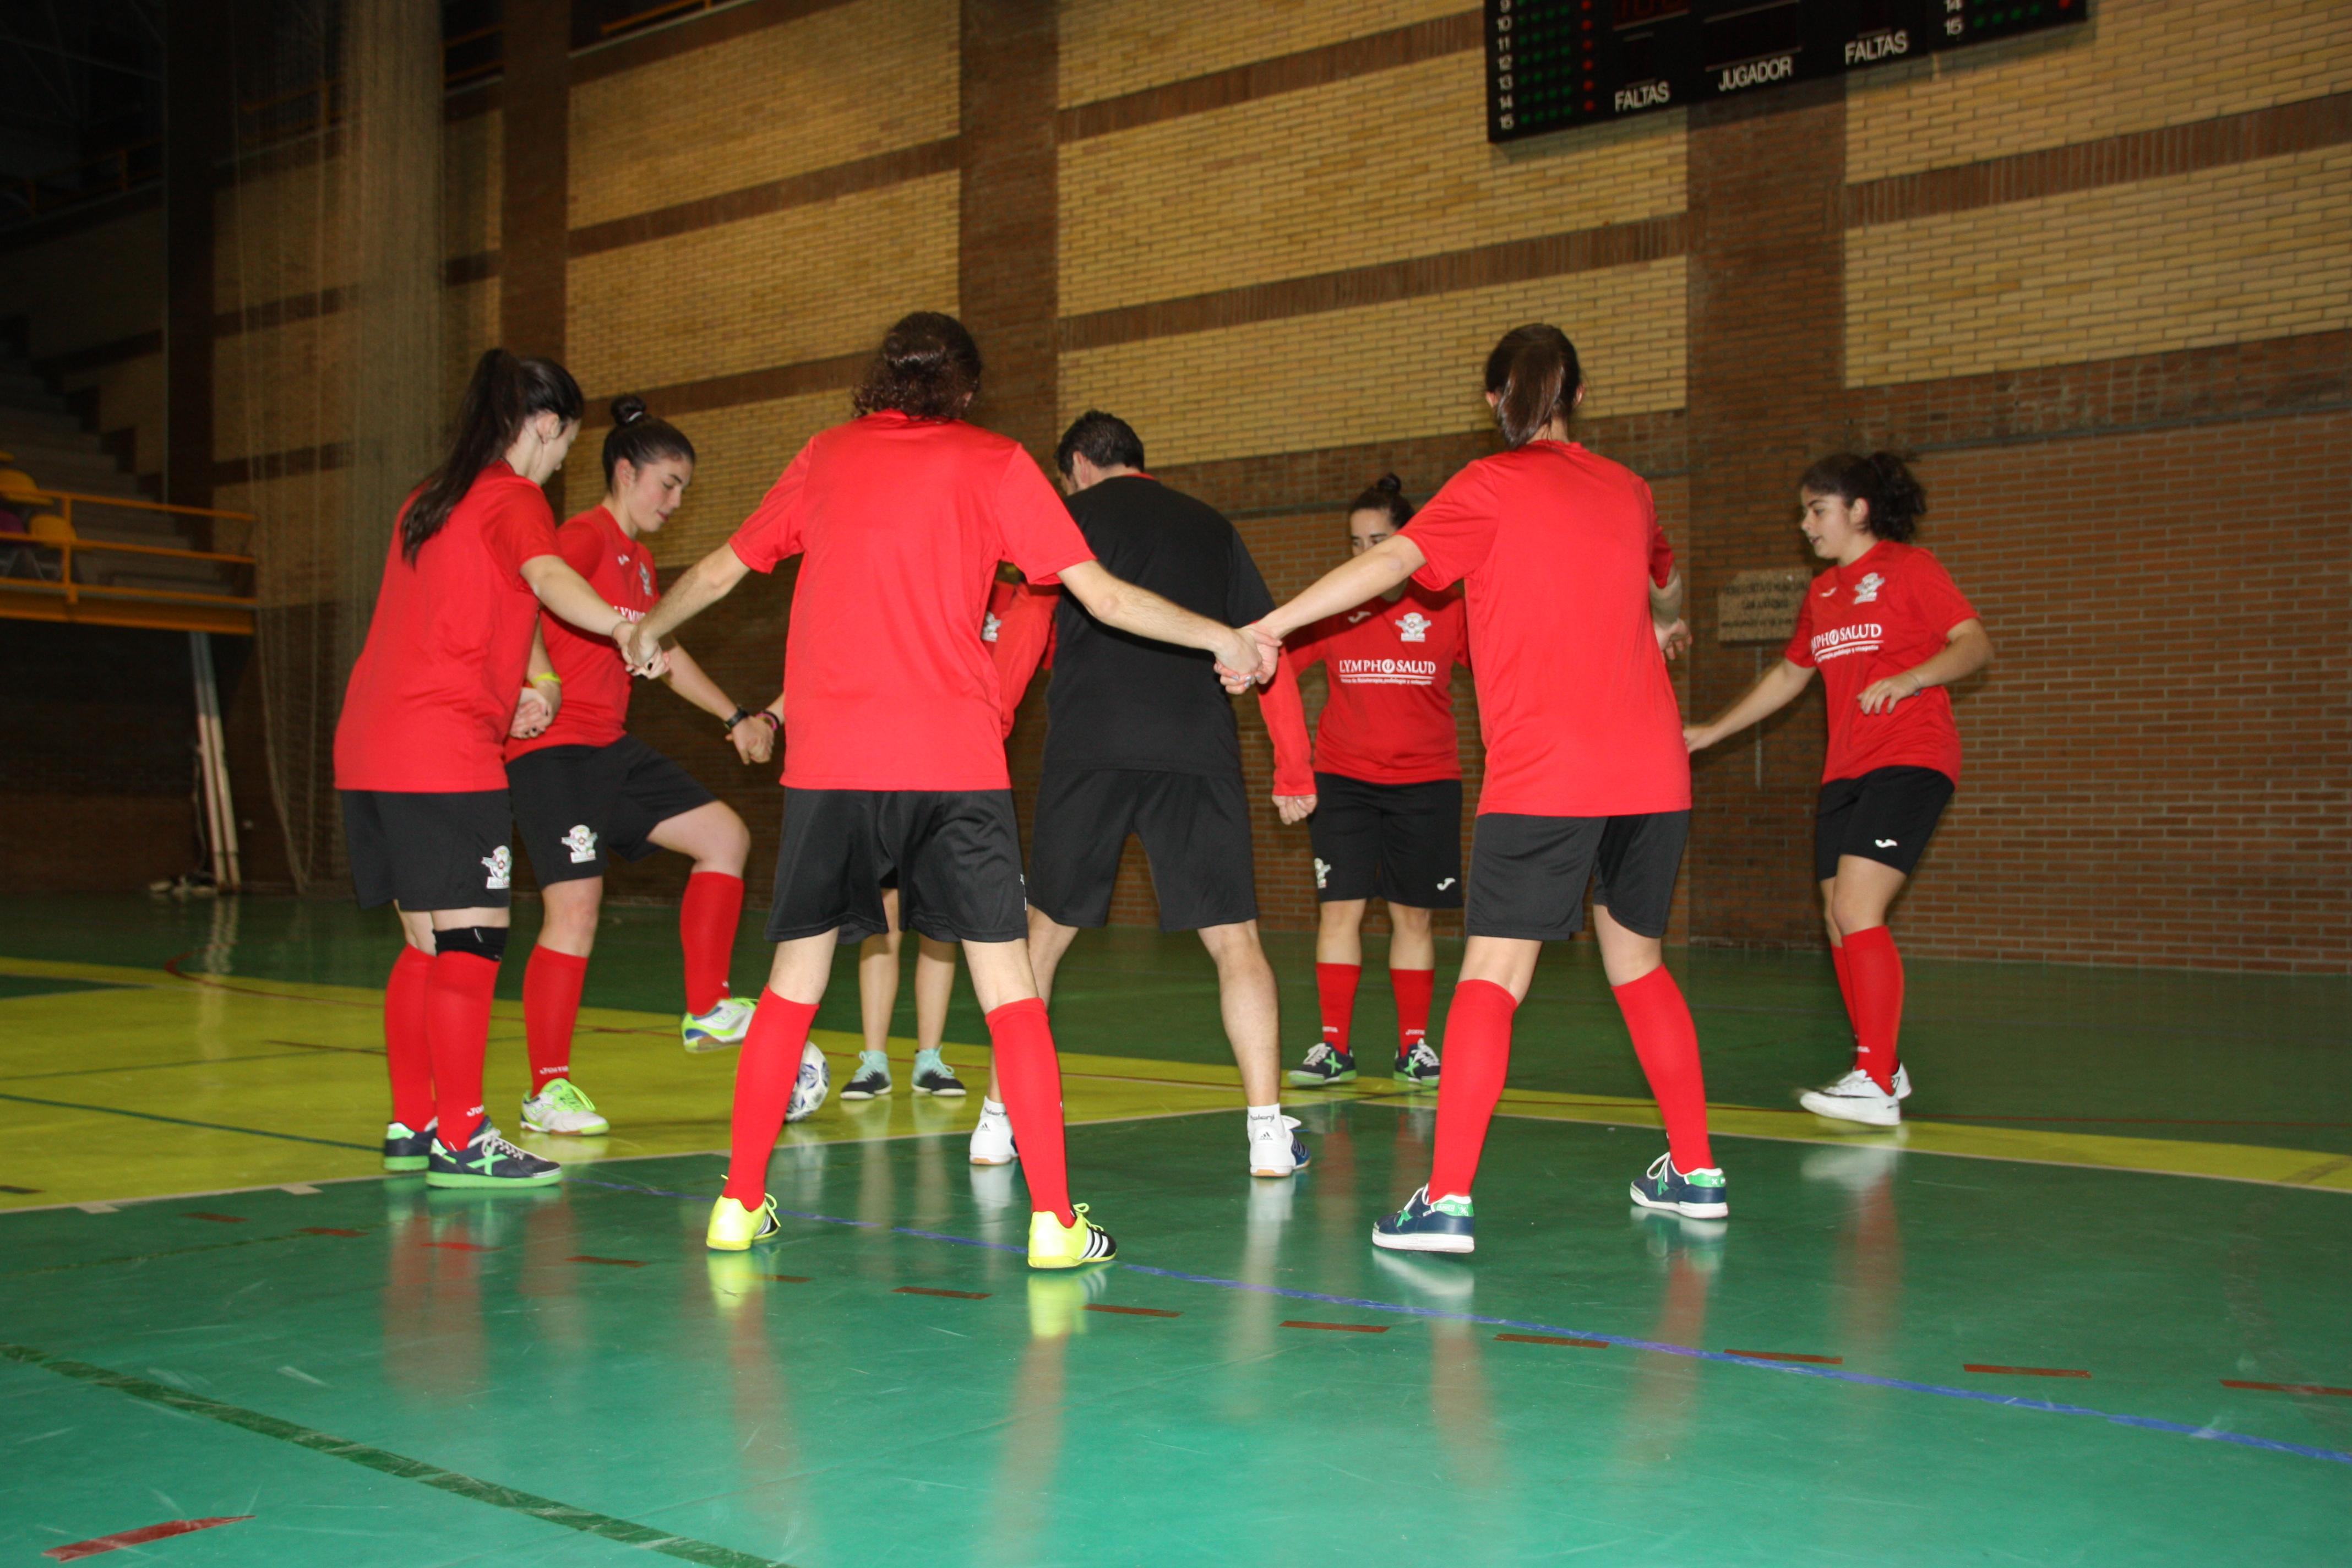 Deporte inclusivo, valor fundamental de la escuela ÁvilaSala